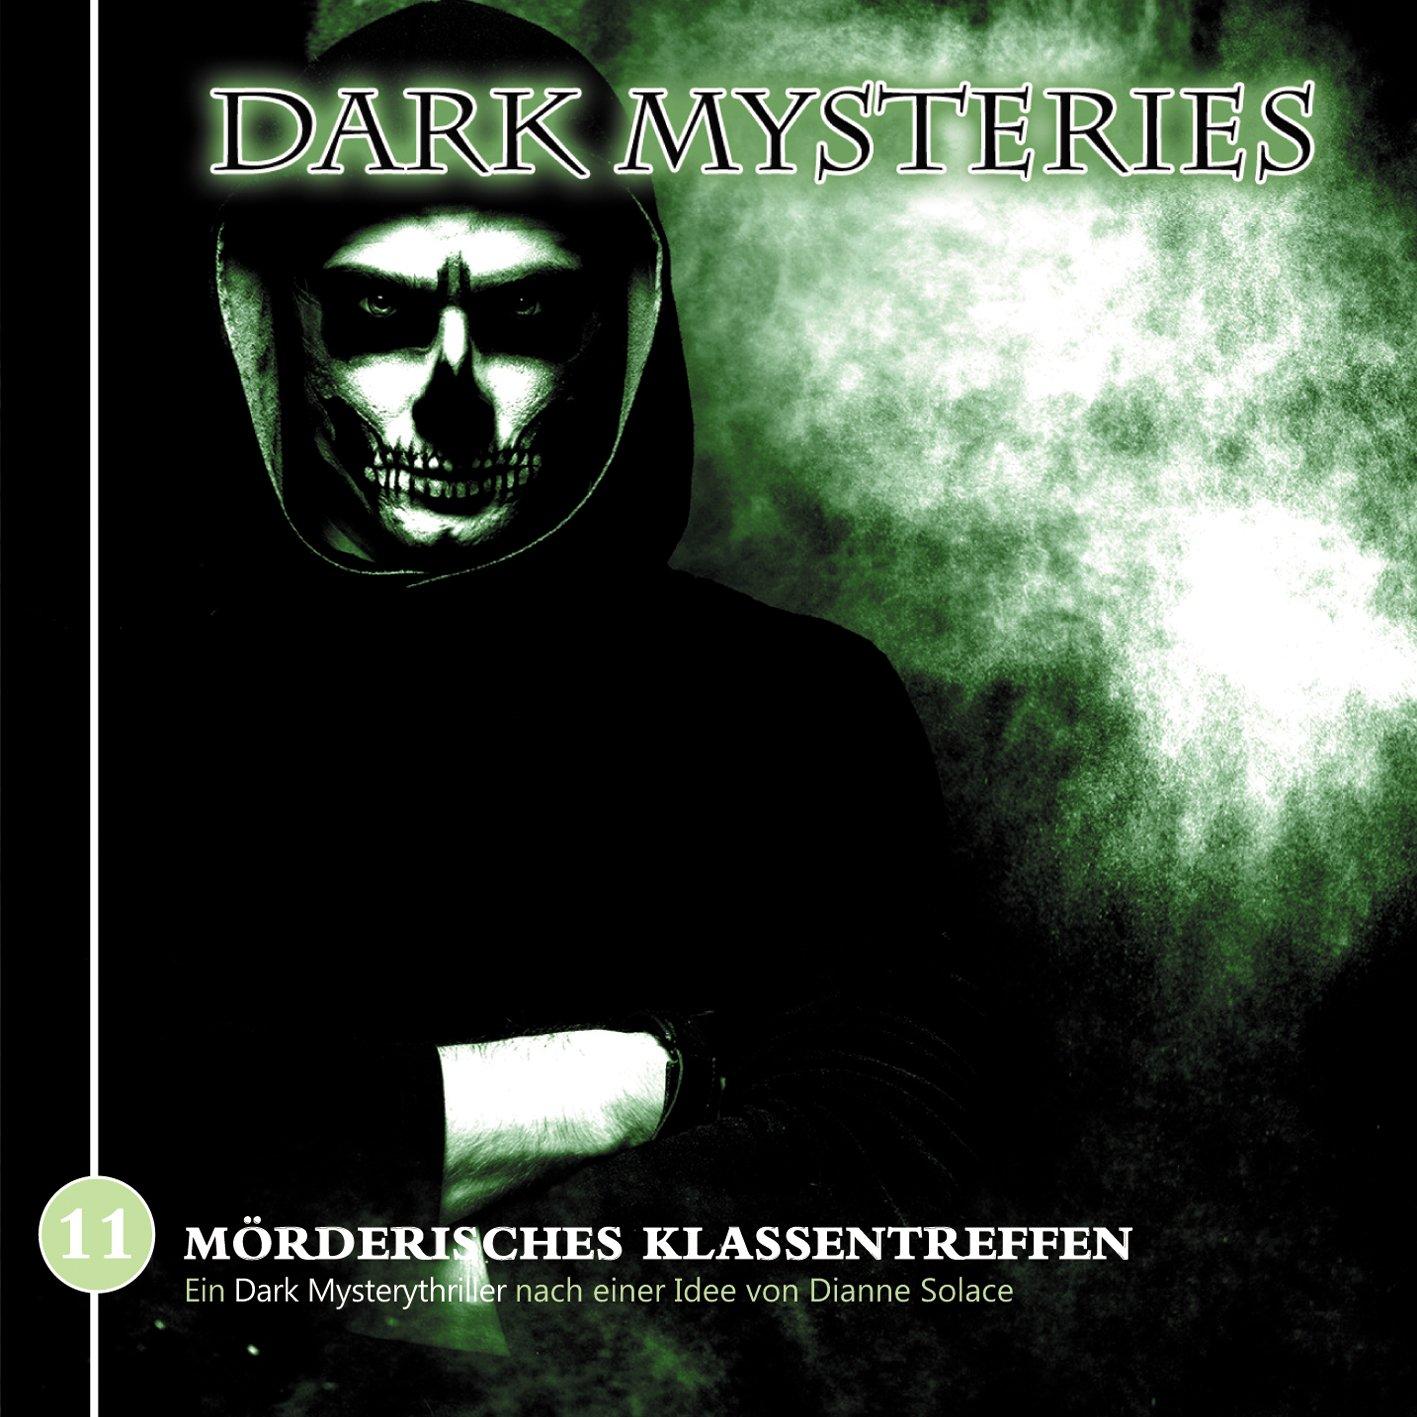 Dark Mysteries (11) Mörderisches Klassentreffen - Winterzeit 2016